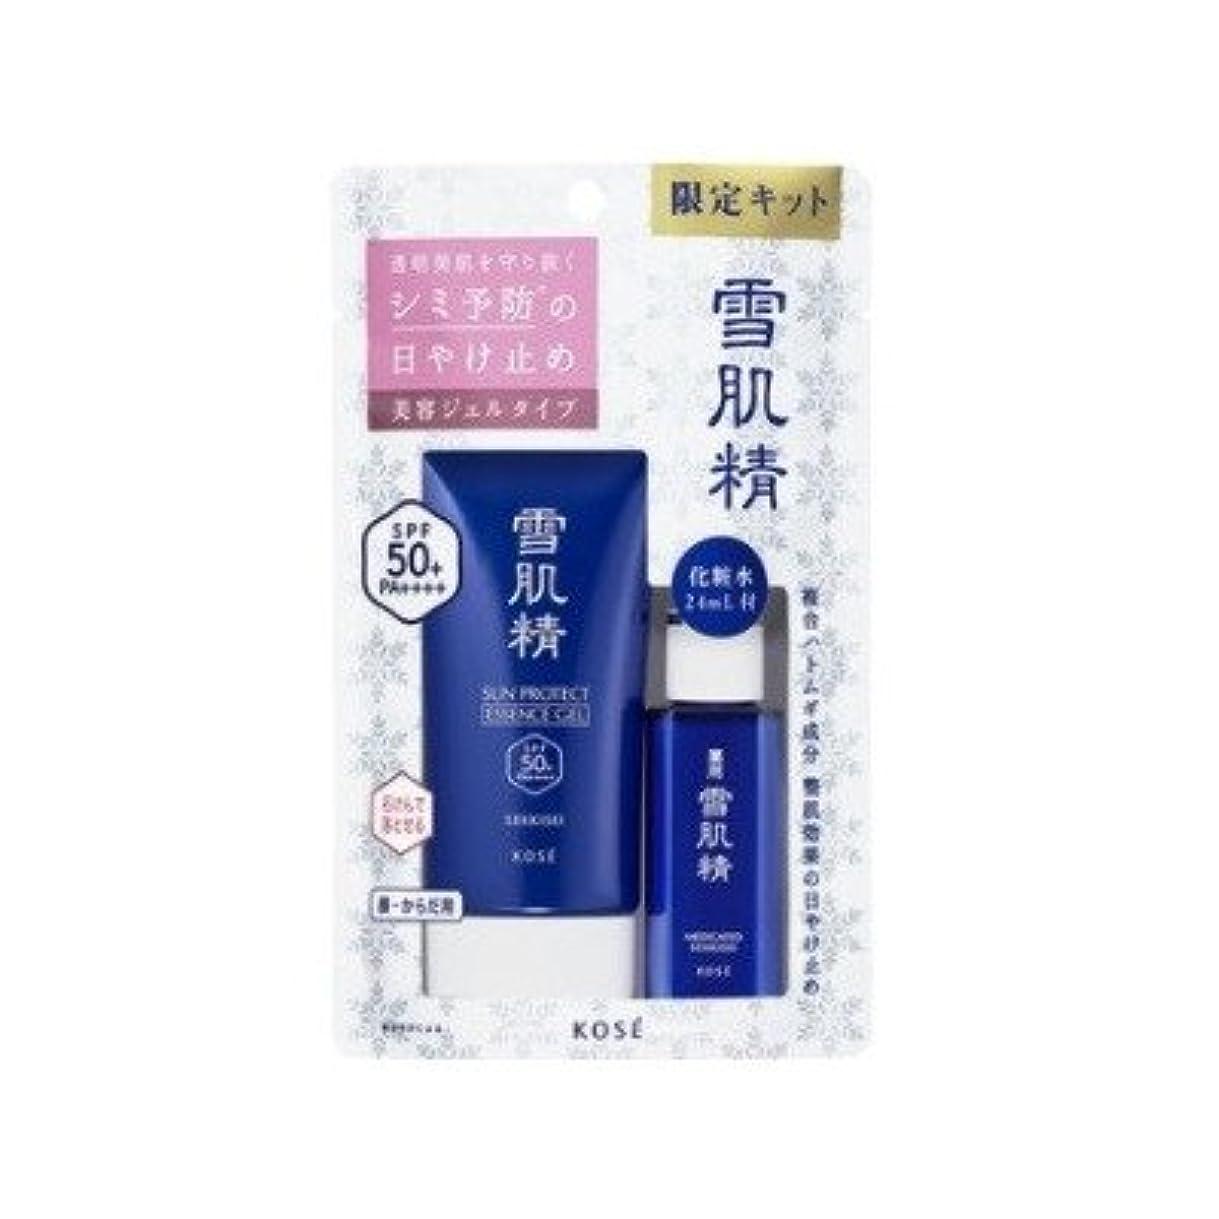 【限定】雪肌精 ホワイトUVジェル80g&薬用化粧水24ml